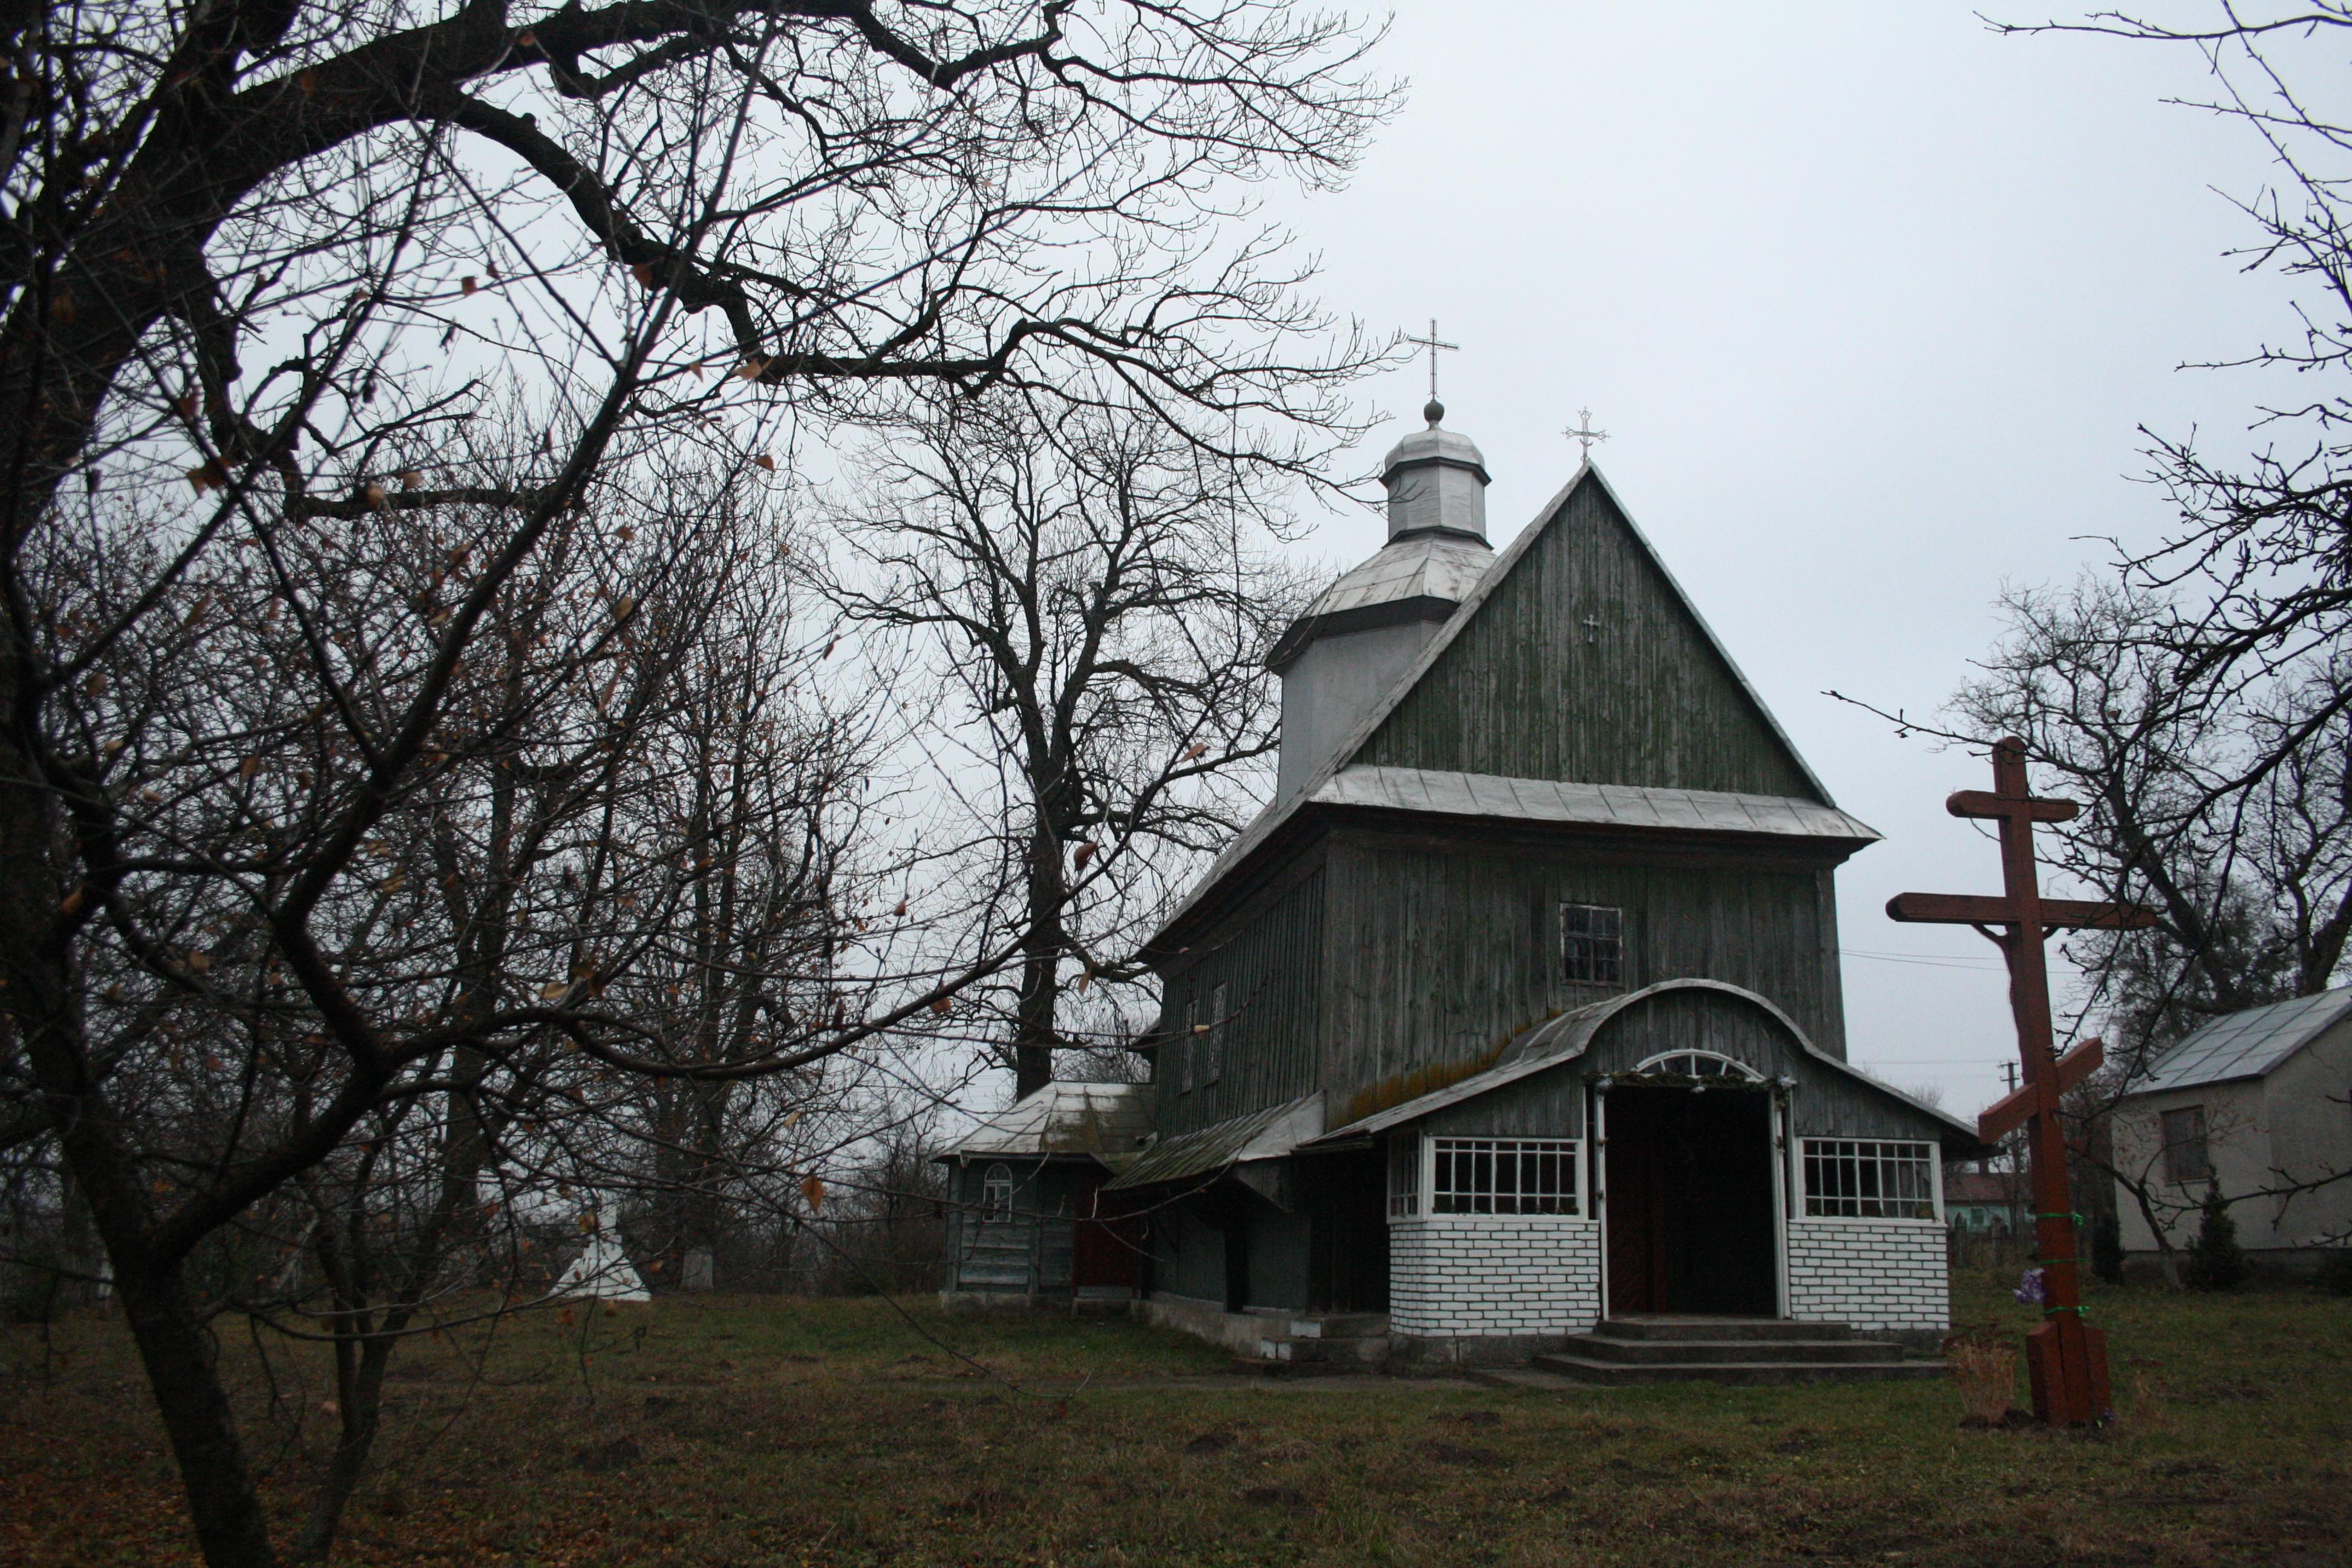 использовать также украина золочев село зозули фото львовская обл никогда будет